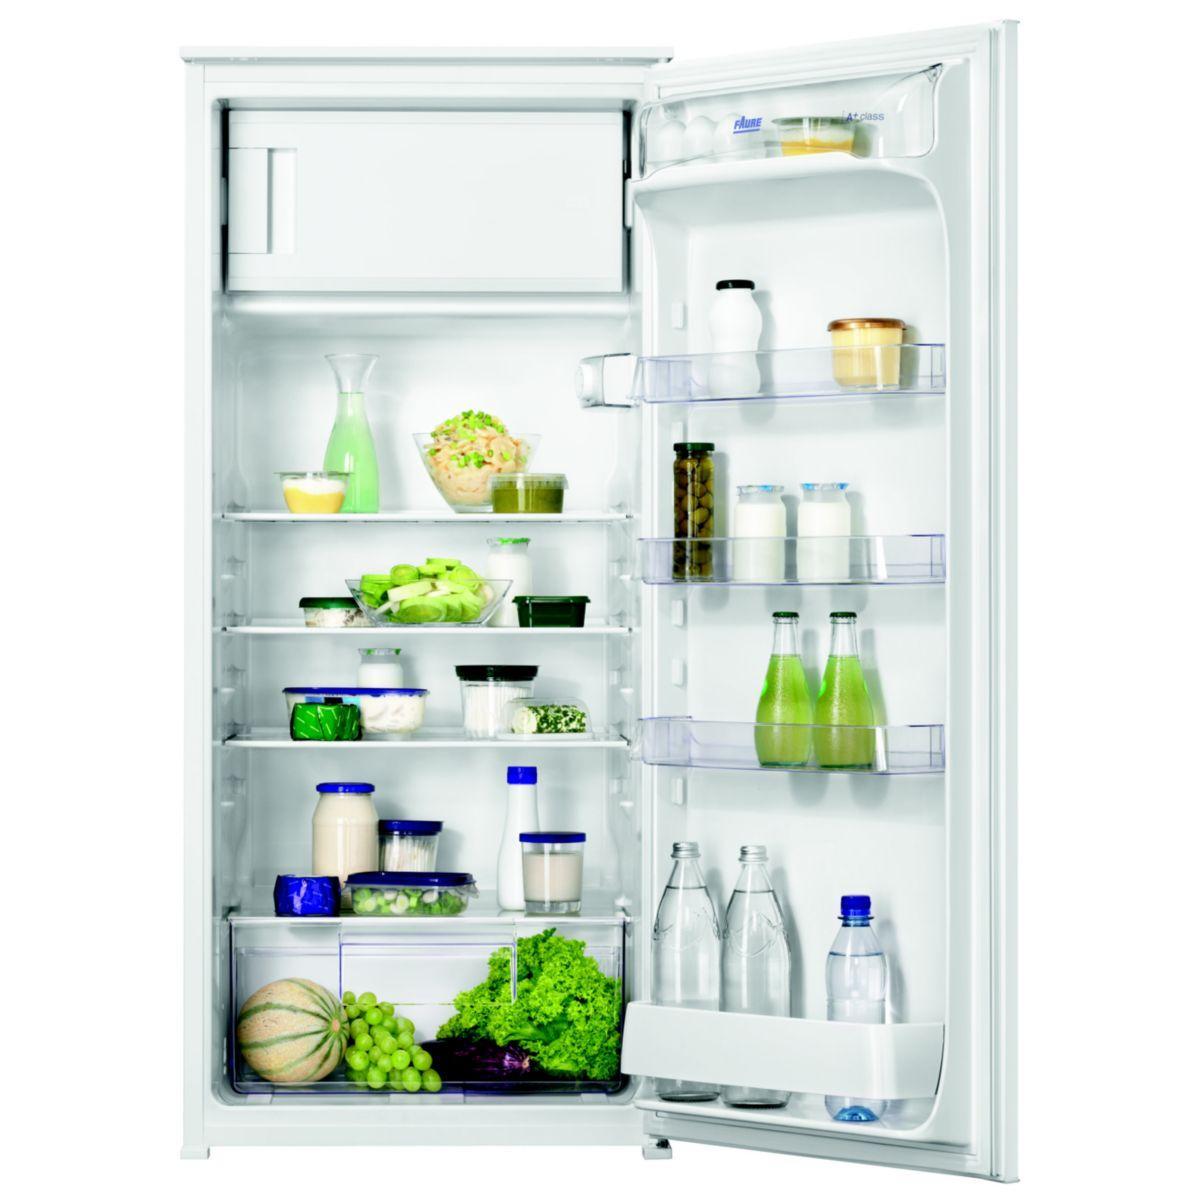 Réfrigérateur encastrable faure fba22421sa - 15% de remise immédiate avec le code : cool15 (photo)